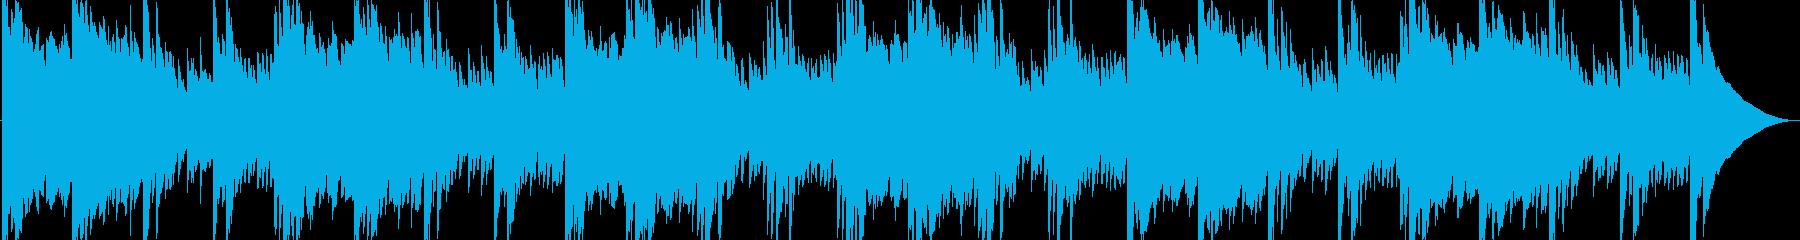 幻想的・静けさ・映像・解説・ナレーションの再生済みの波形